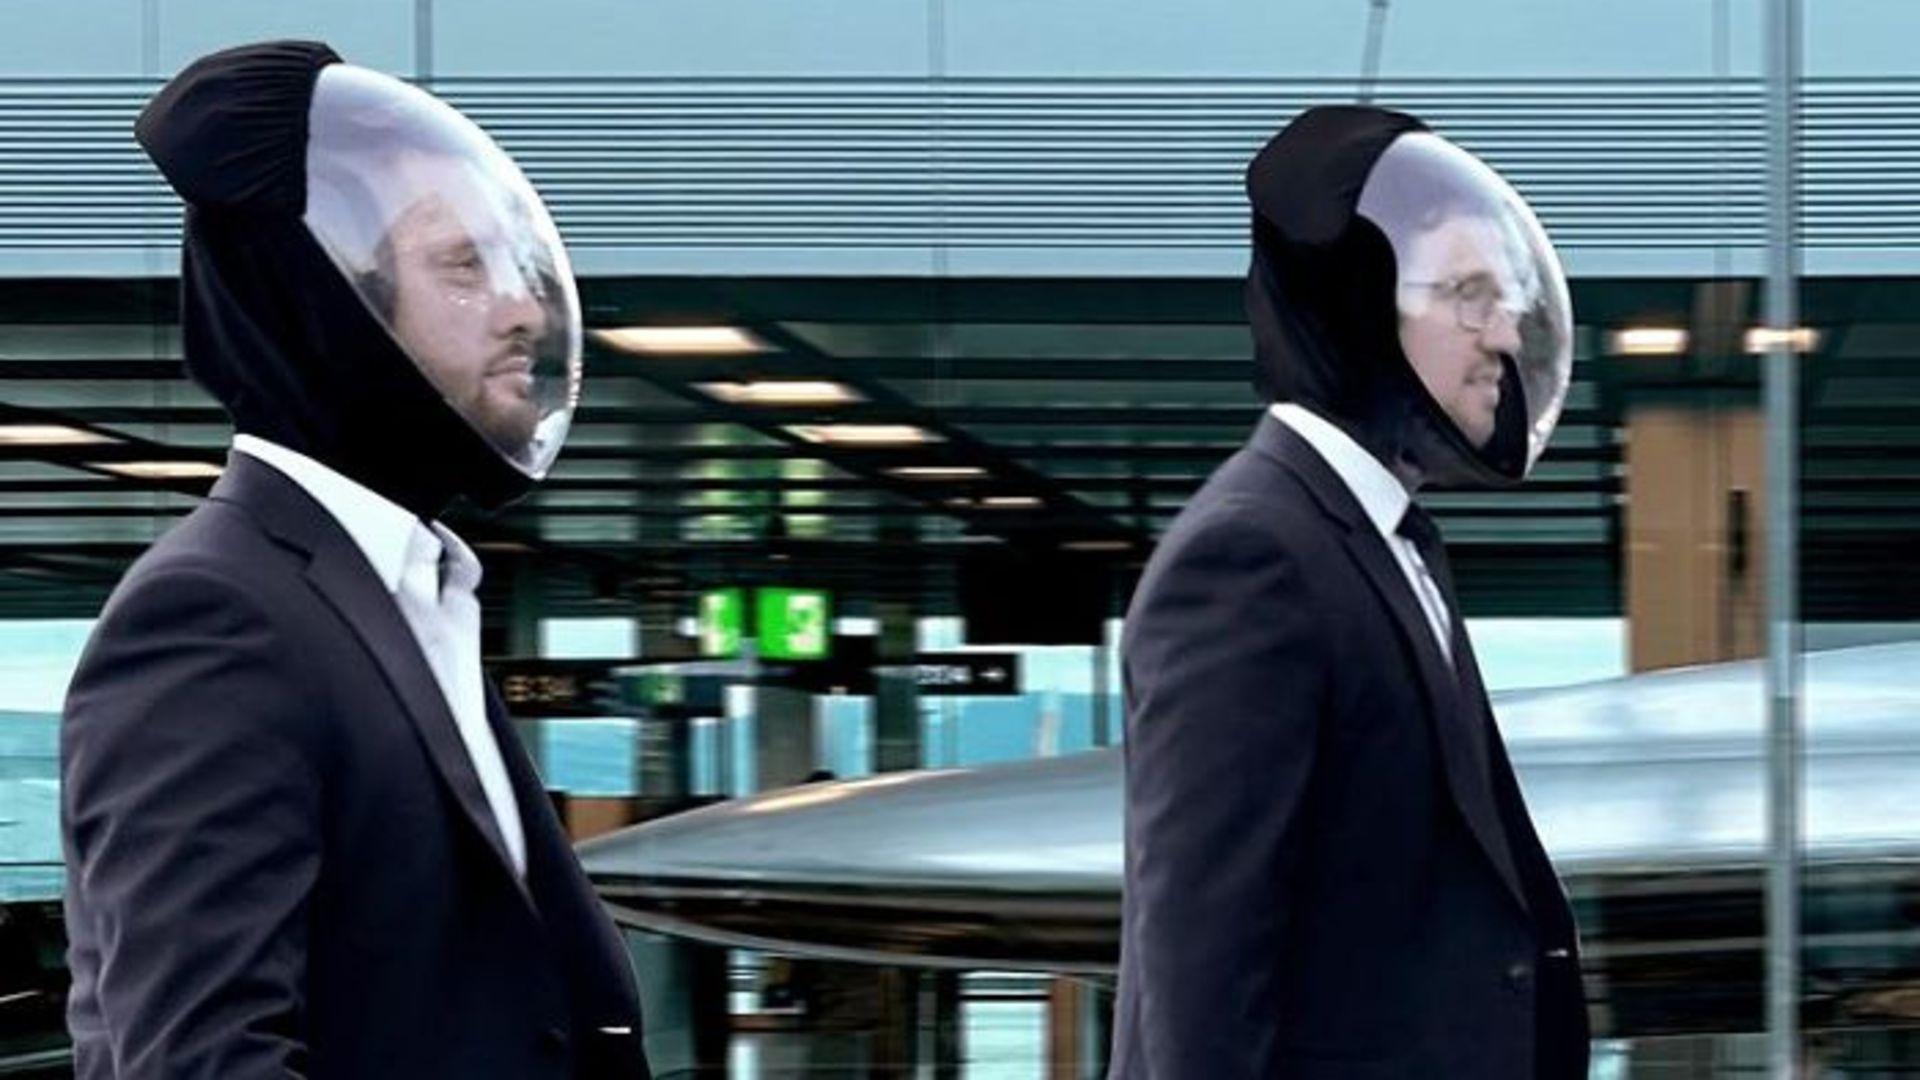 Firmalar harekete geçti! Gelecekte maskeler böyle mi olacak? - Haberler